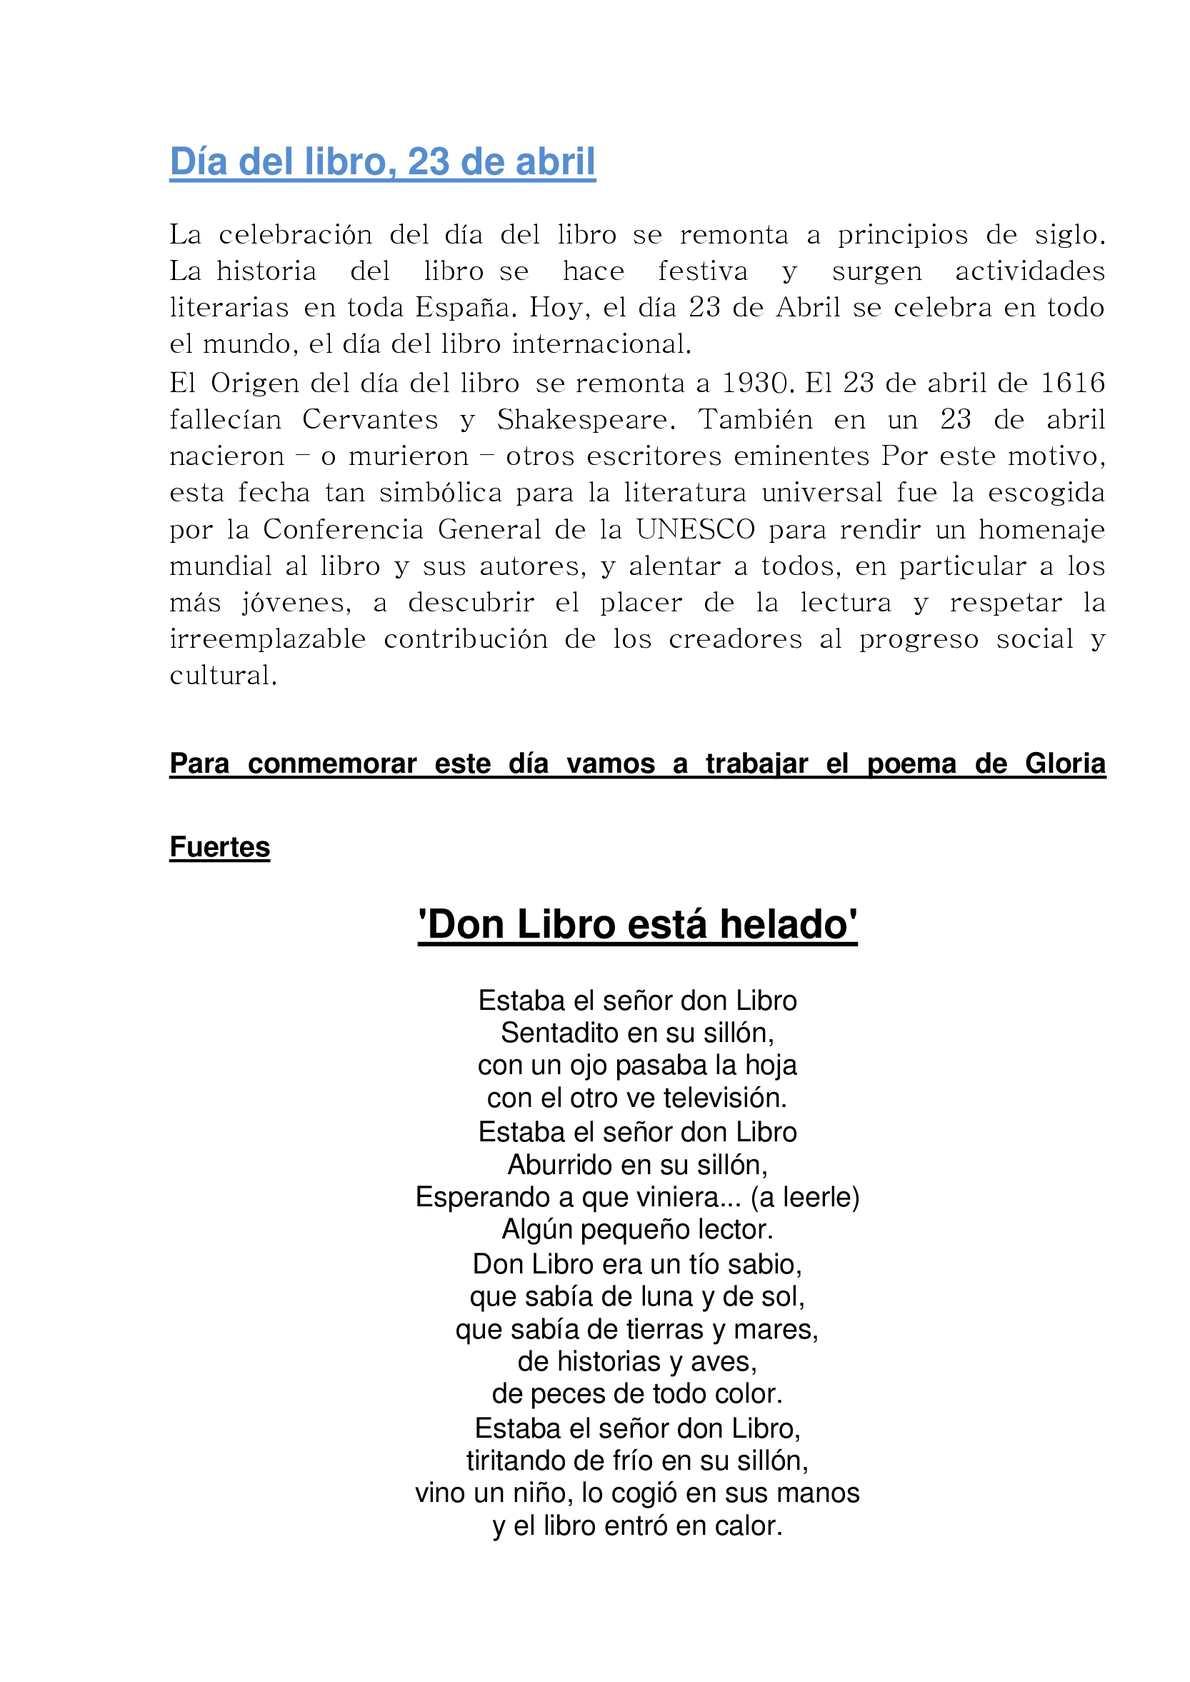 Calaméo - Don Libro está helado